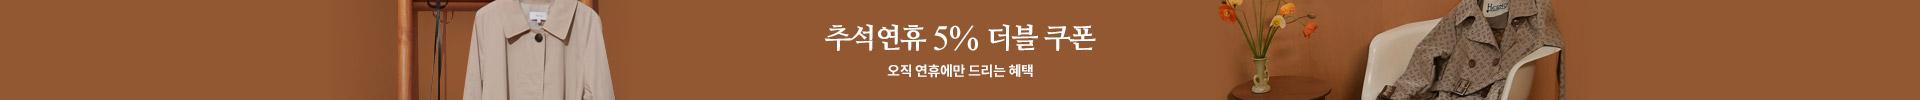 추석연휴 5% 더블 쿠폰